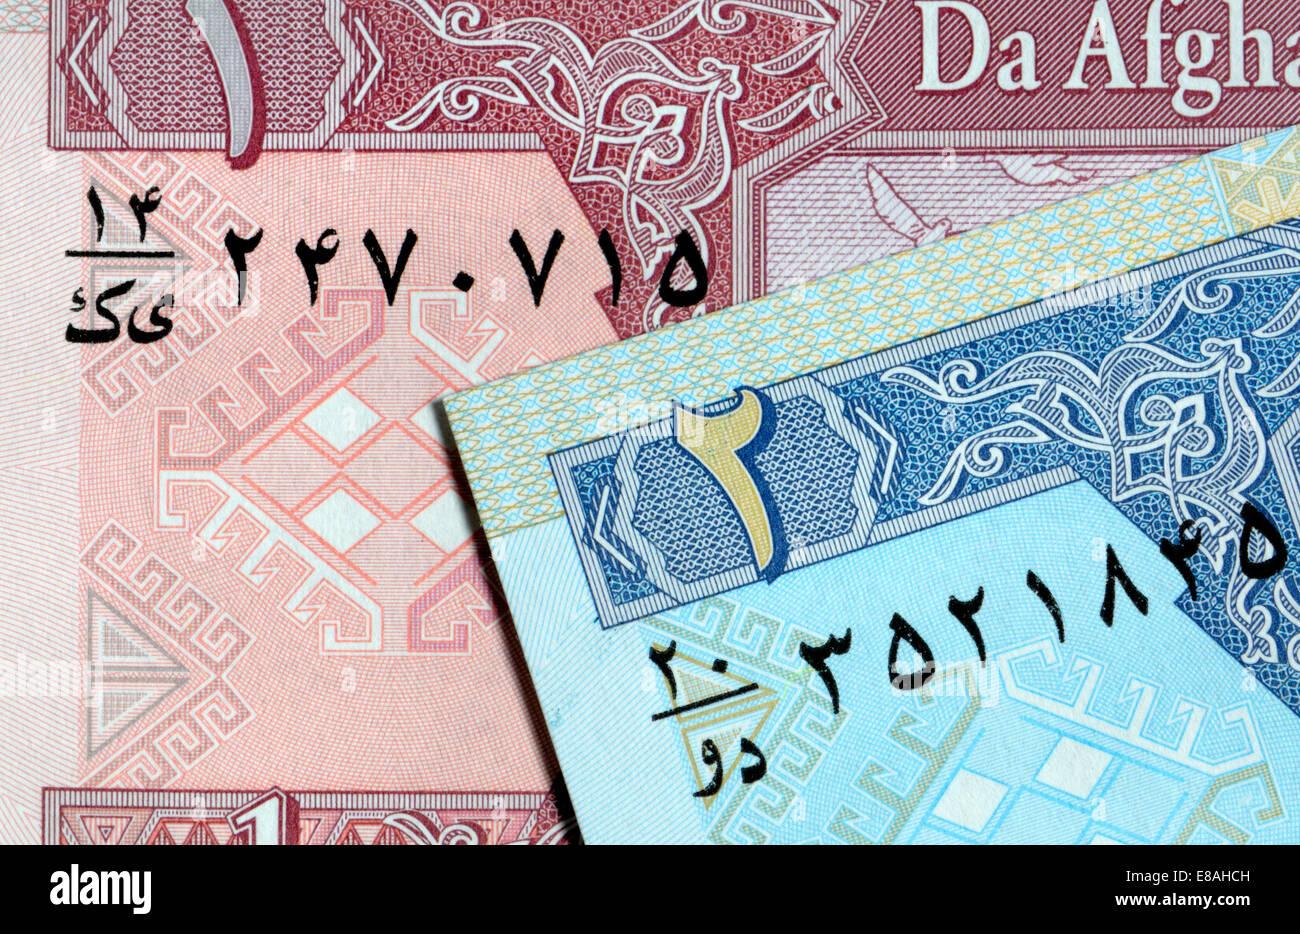 Detalle de un billete afgana mostrando el alfabeto árabe y los numerales Imagen De Stock